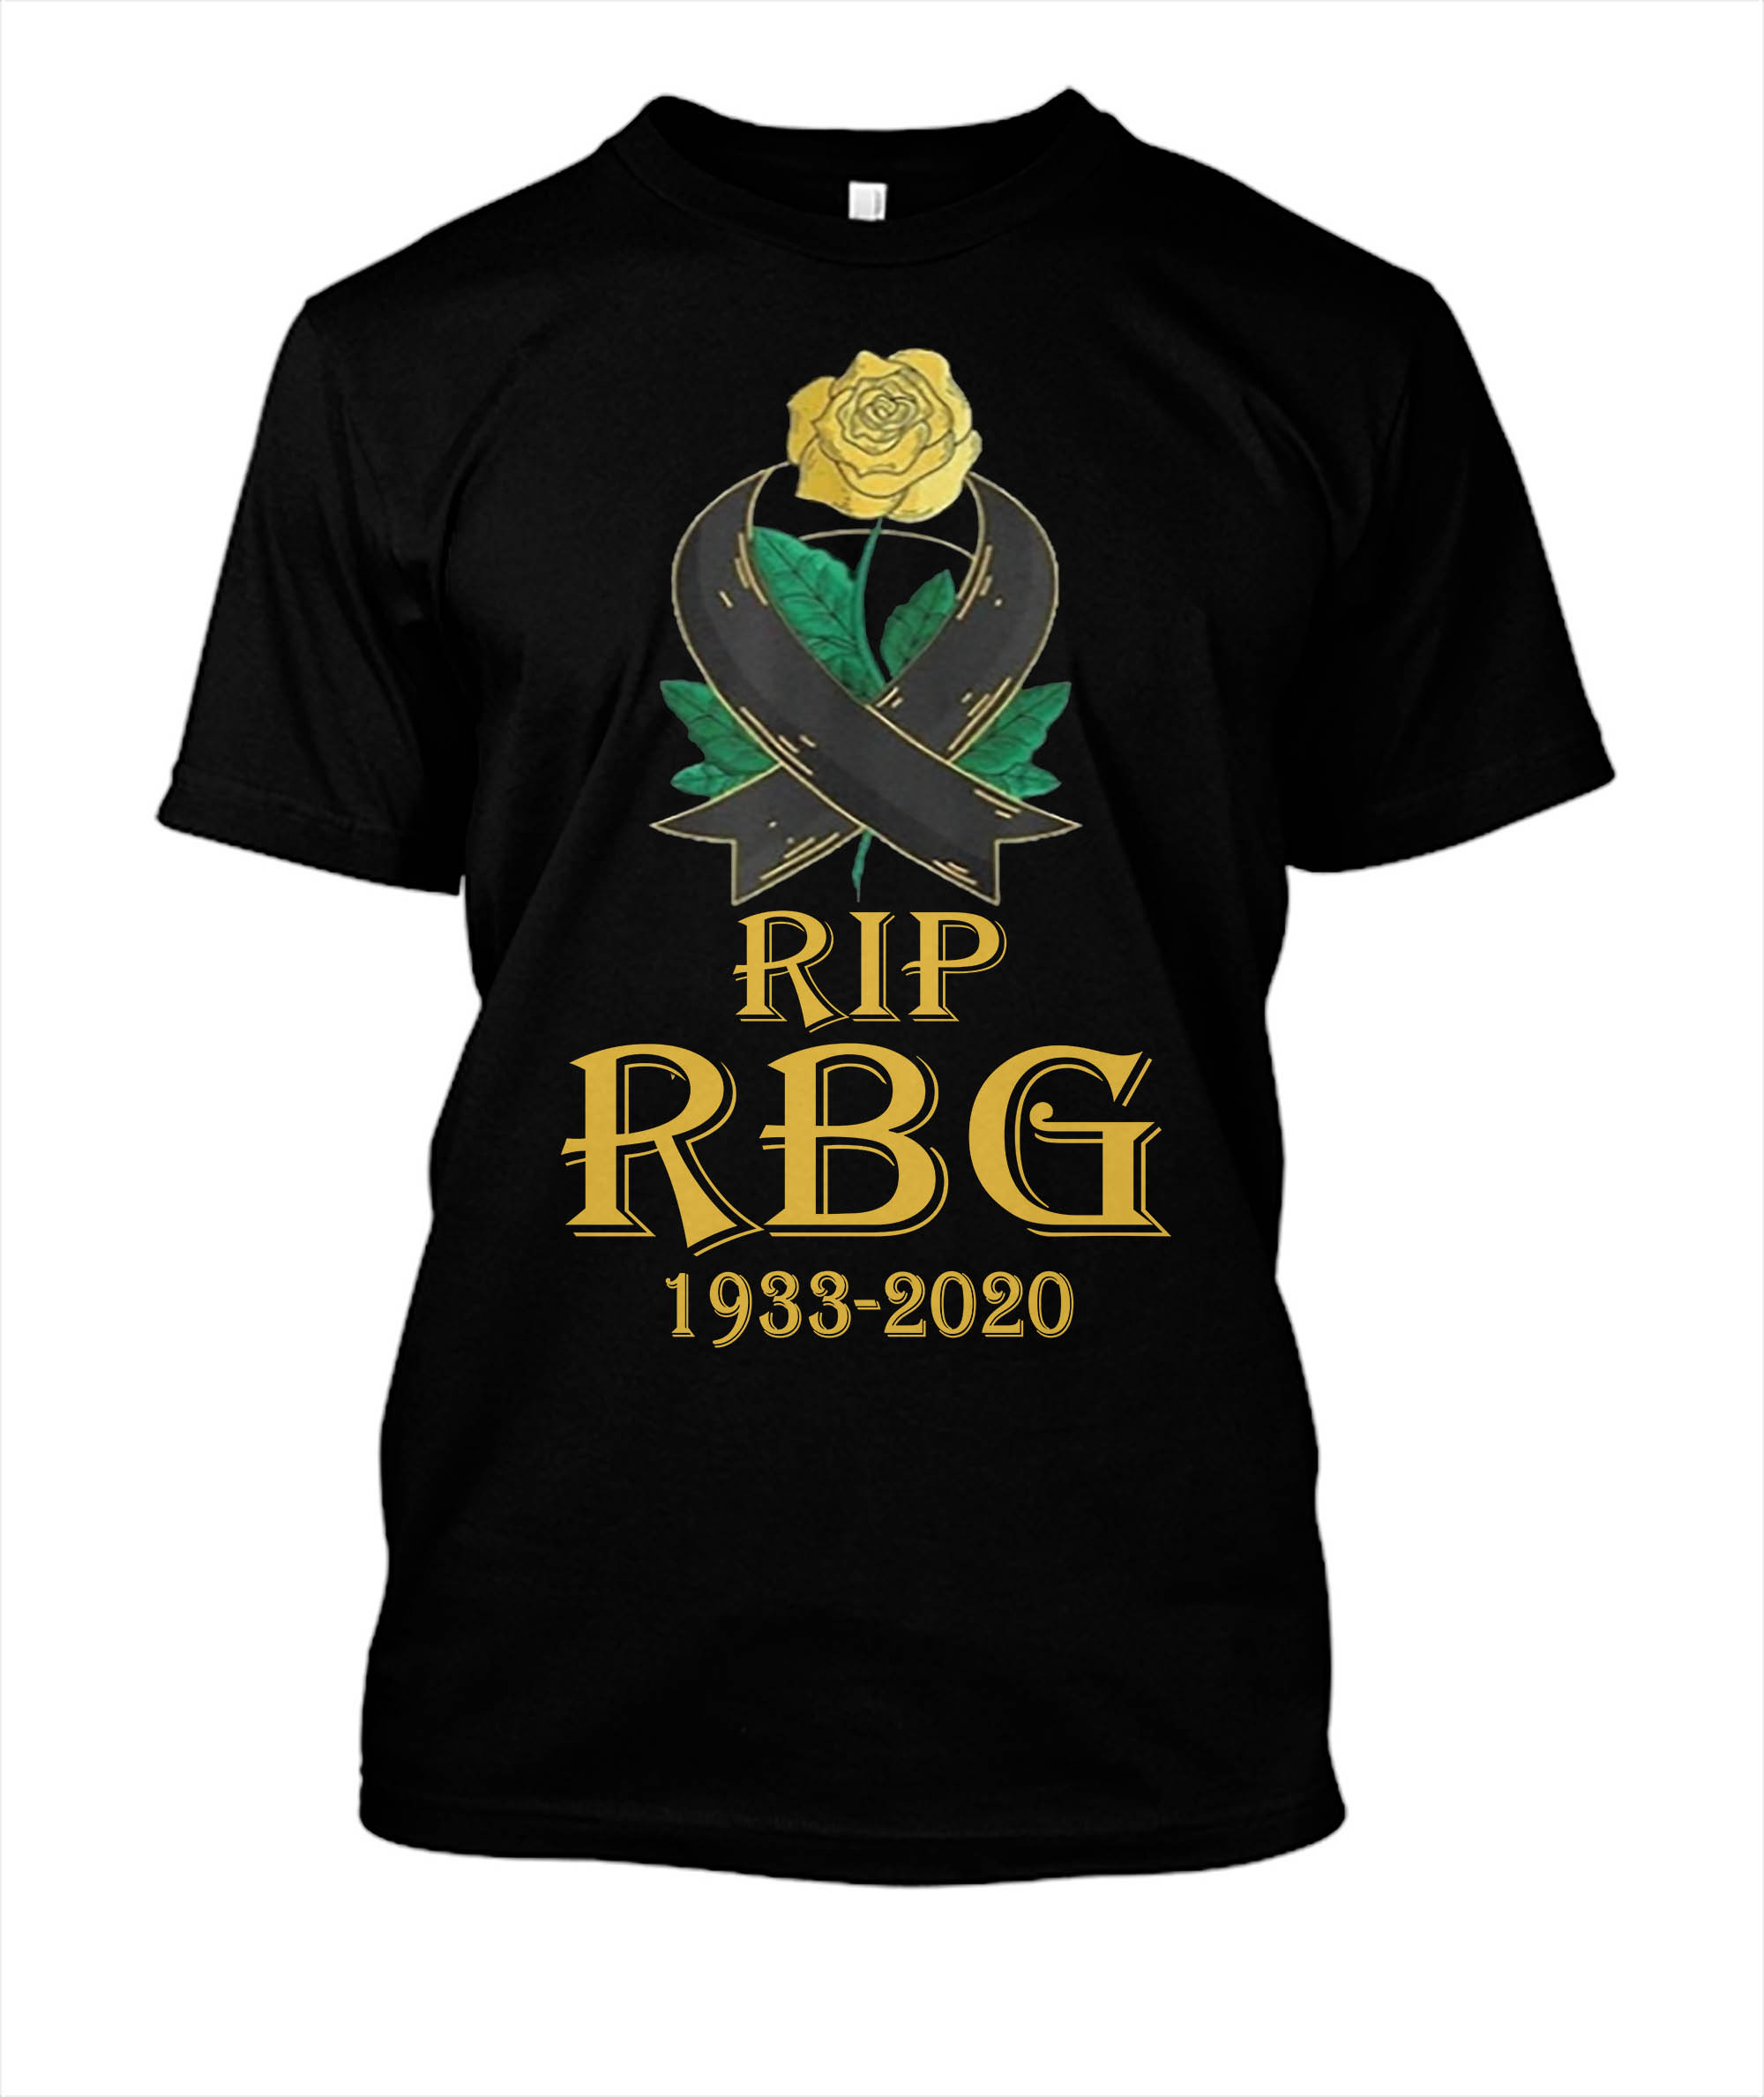 RIP RBG Shirt